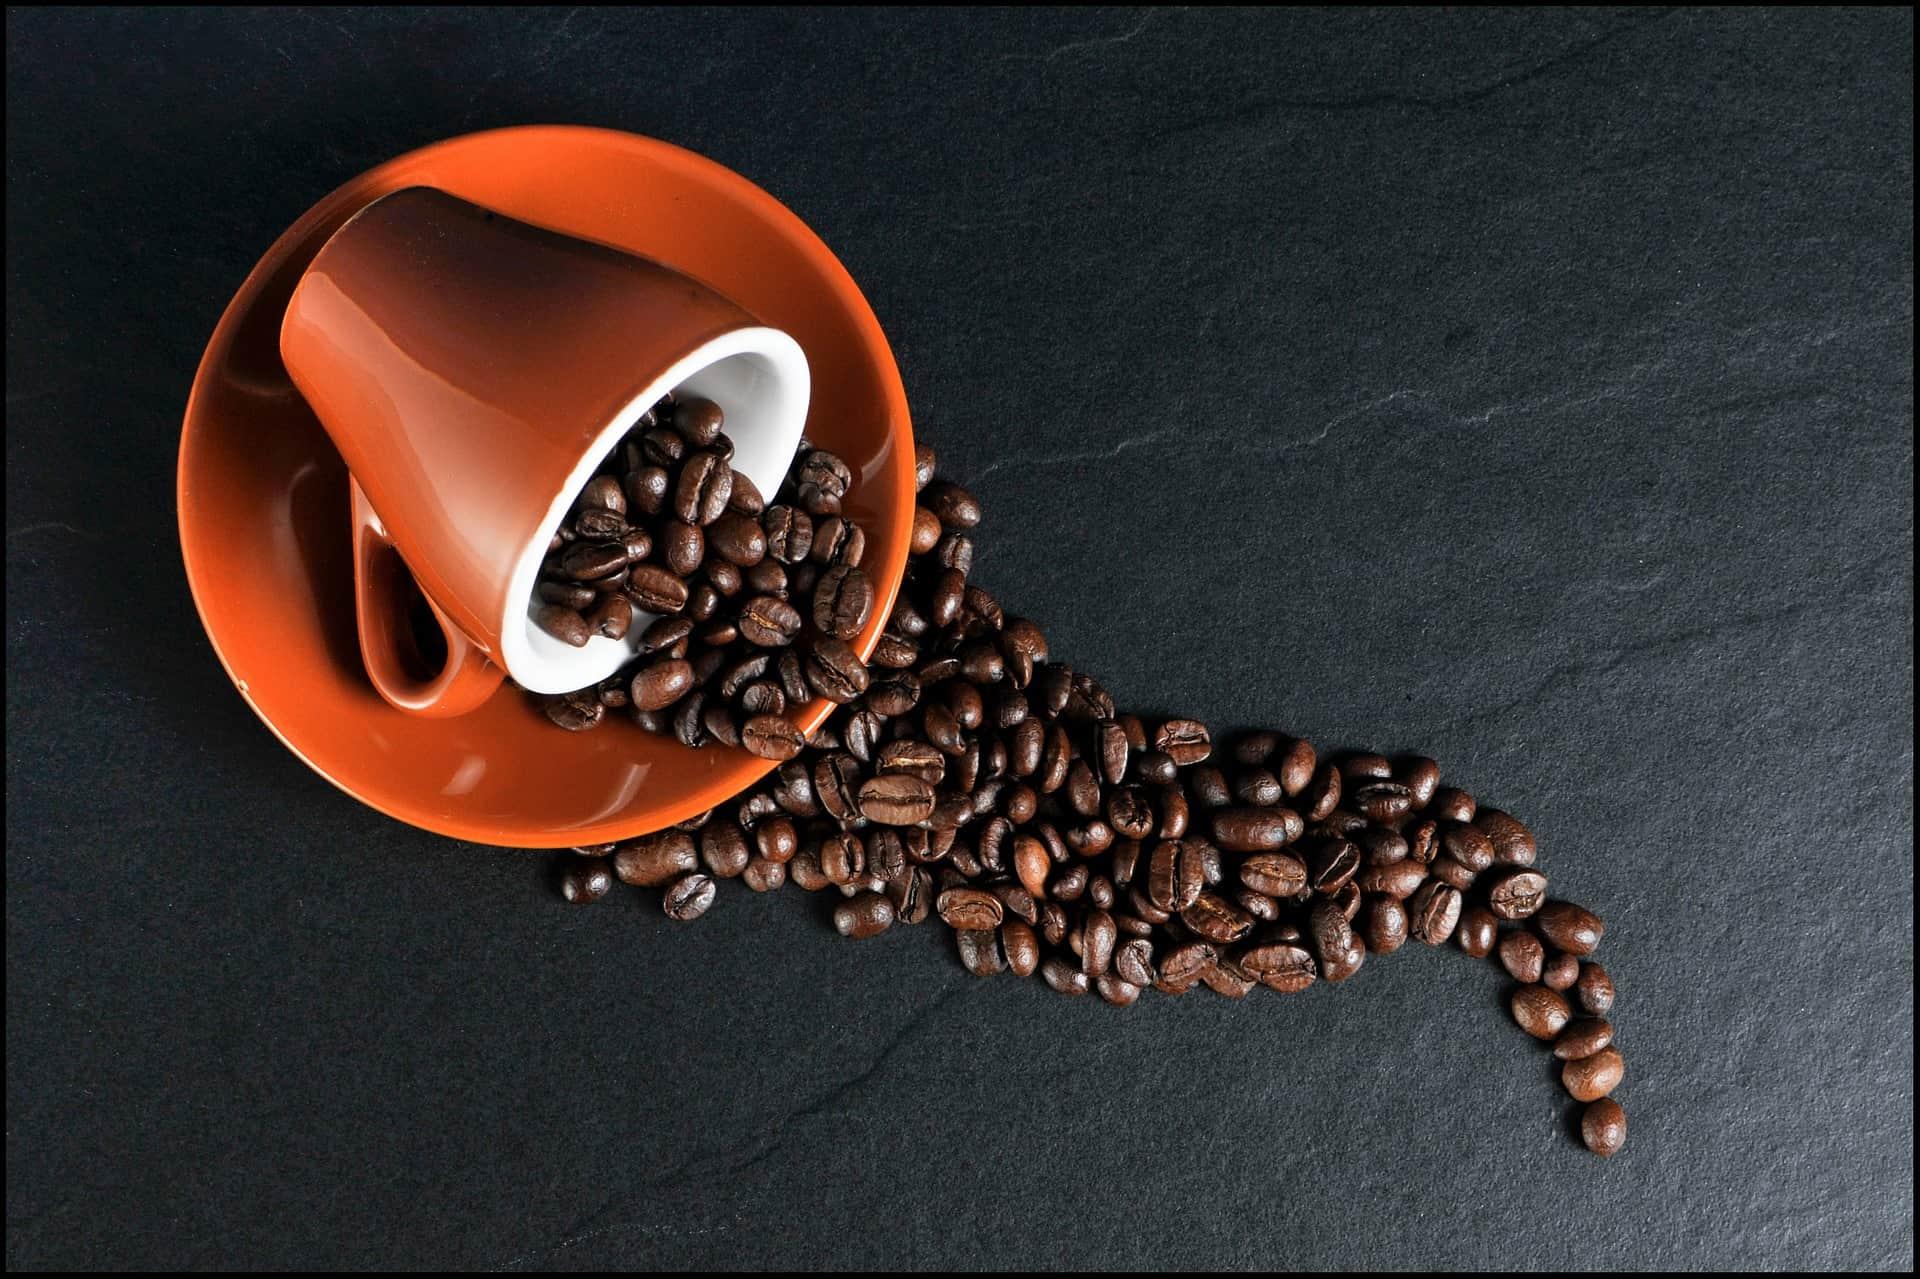 Xícara de café vermelha com grãos espalhados.